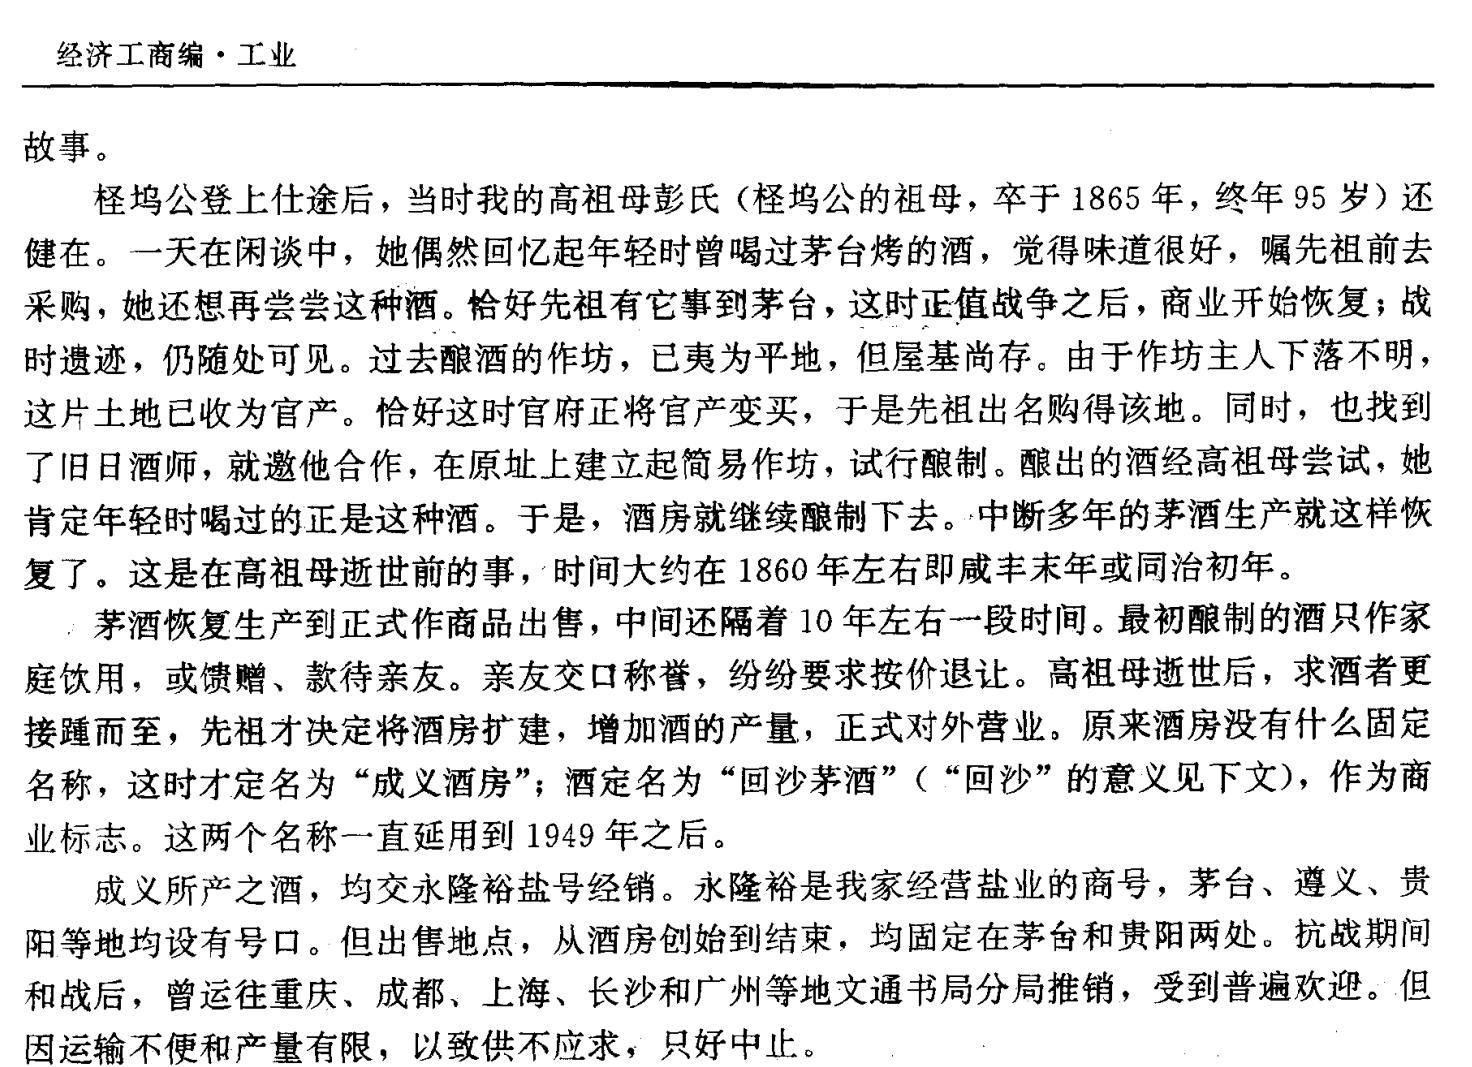 """从茅台酒厂前身""""成义烧坊""""经营策略窥探清末贵州资本家经商之道"""